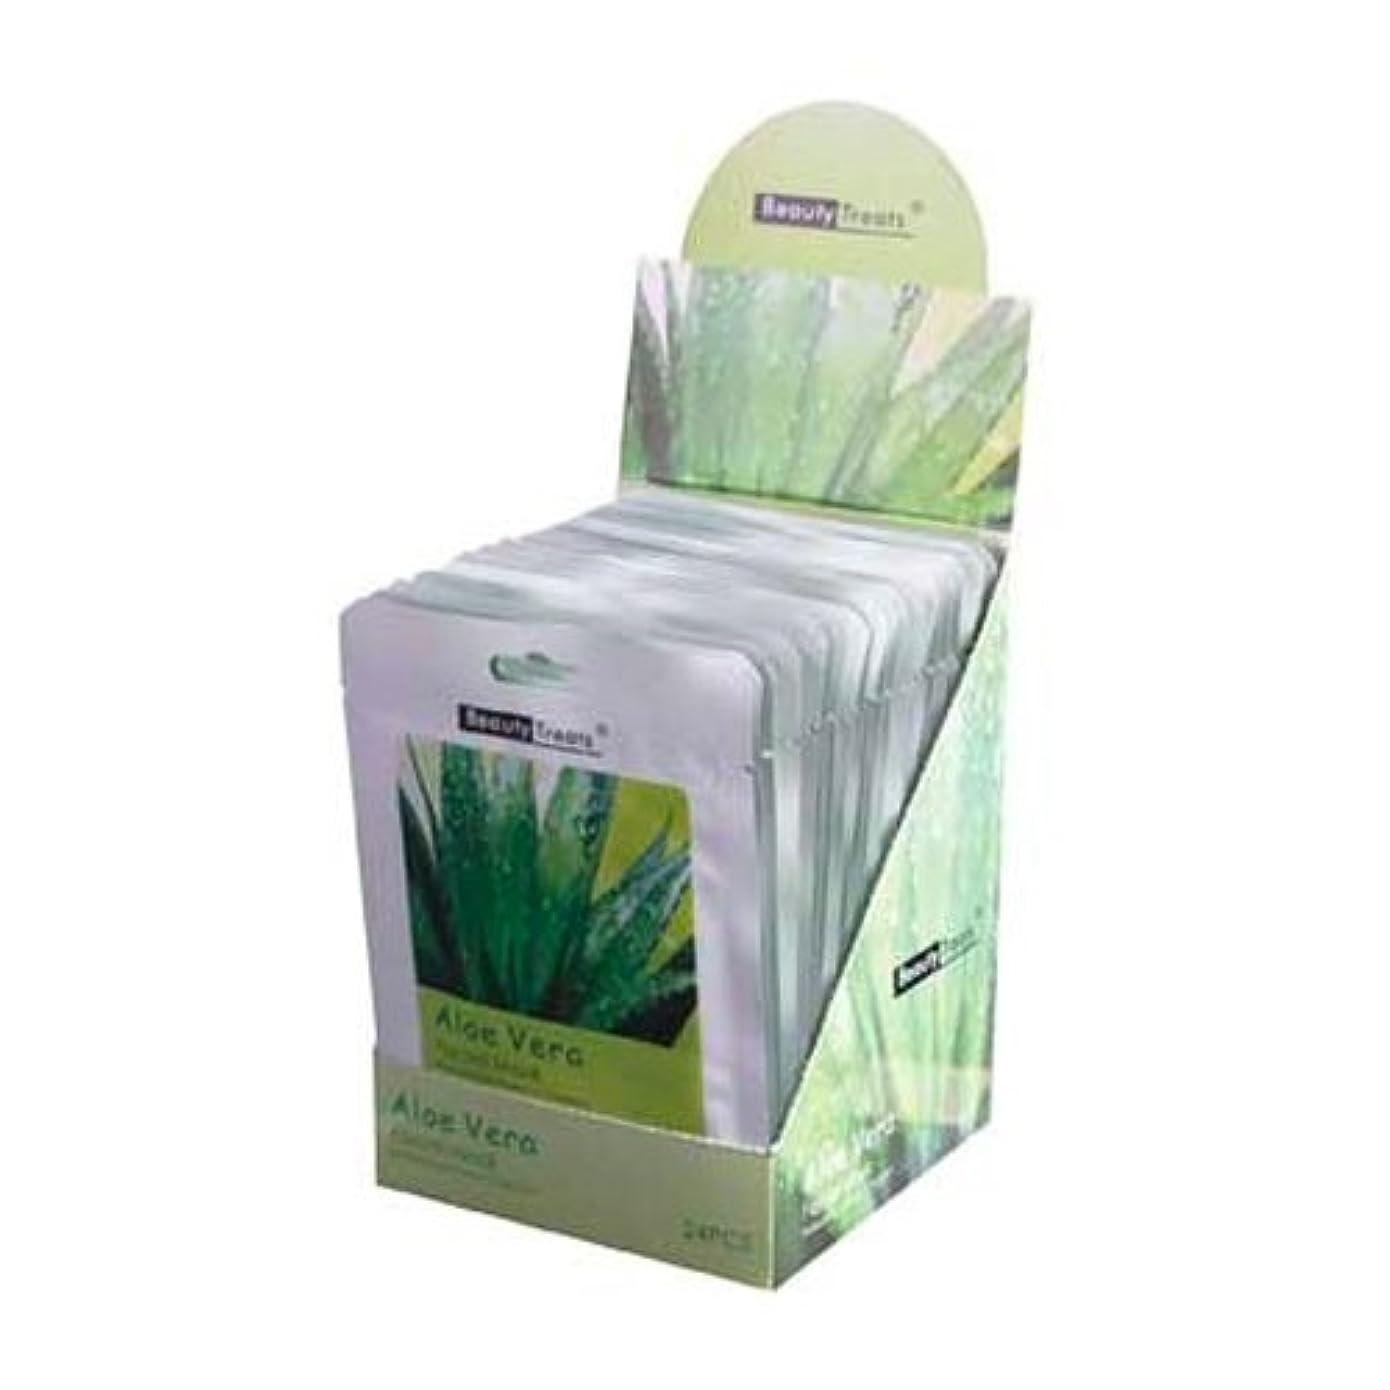 異常なトレッド逃れるBEAUTY TREATS Facial Mask Refreshing Vitamin C Solution - Aloe Vera - Display Box 24 Pieces (並行輸入品)